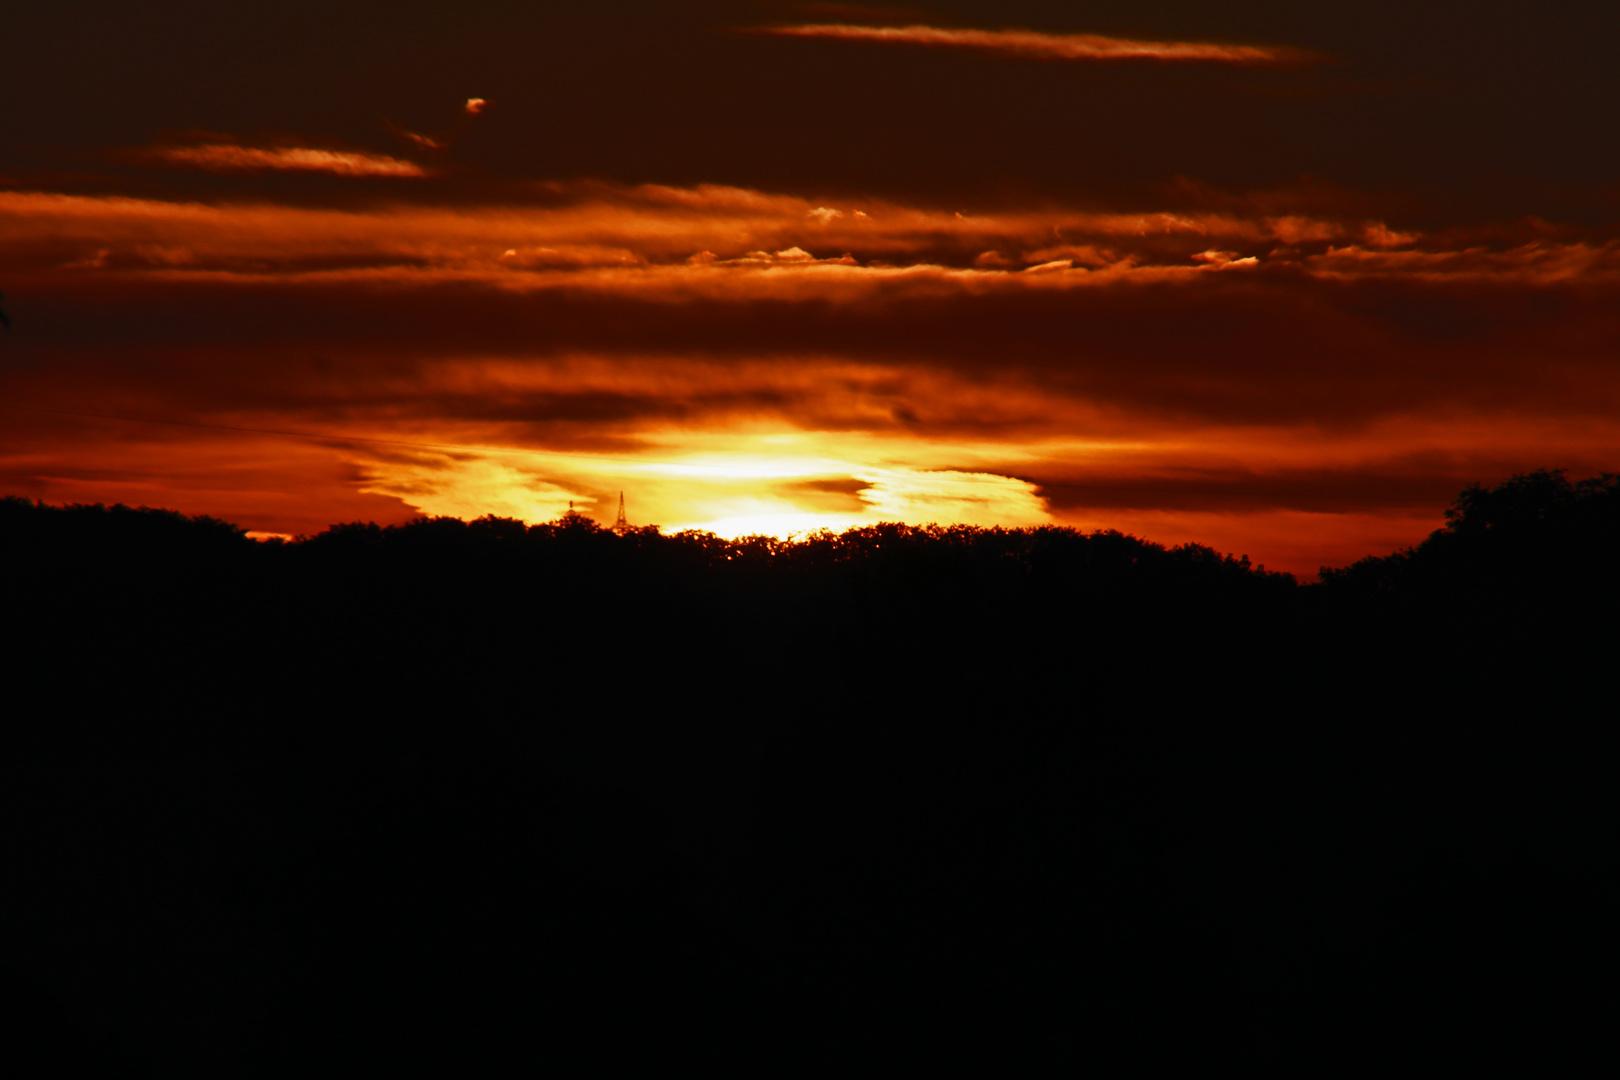 Sonnenaufgang in Hohenlohe